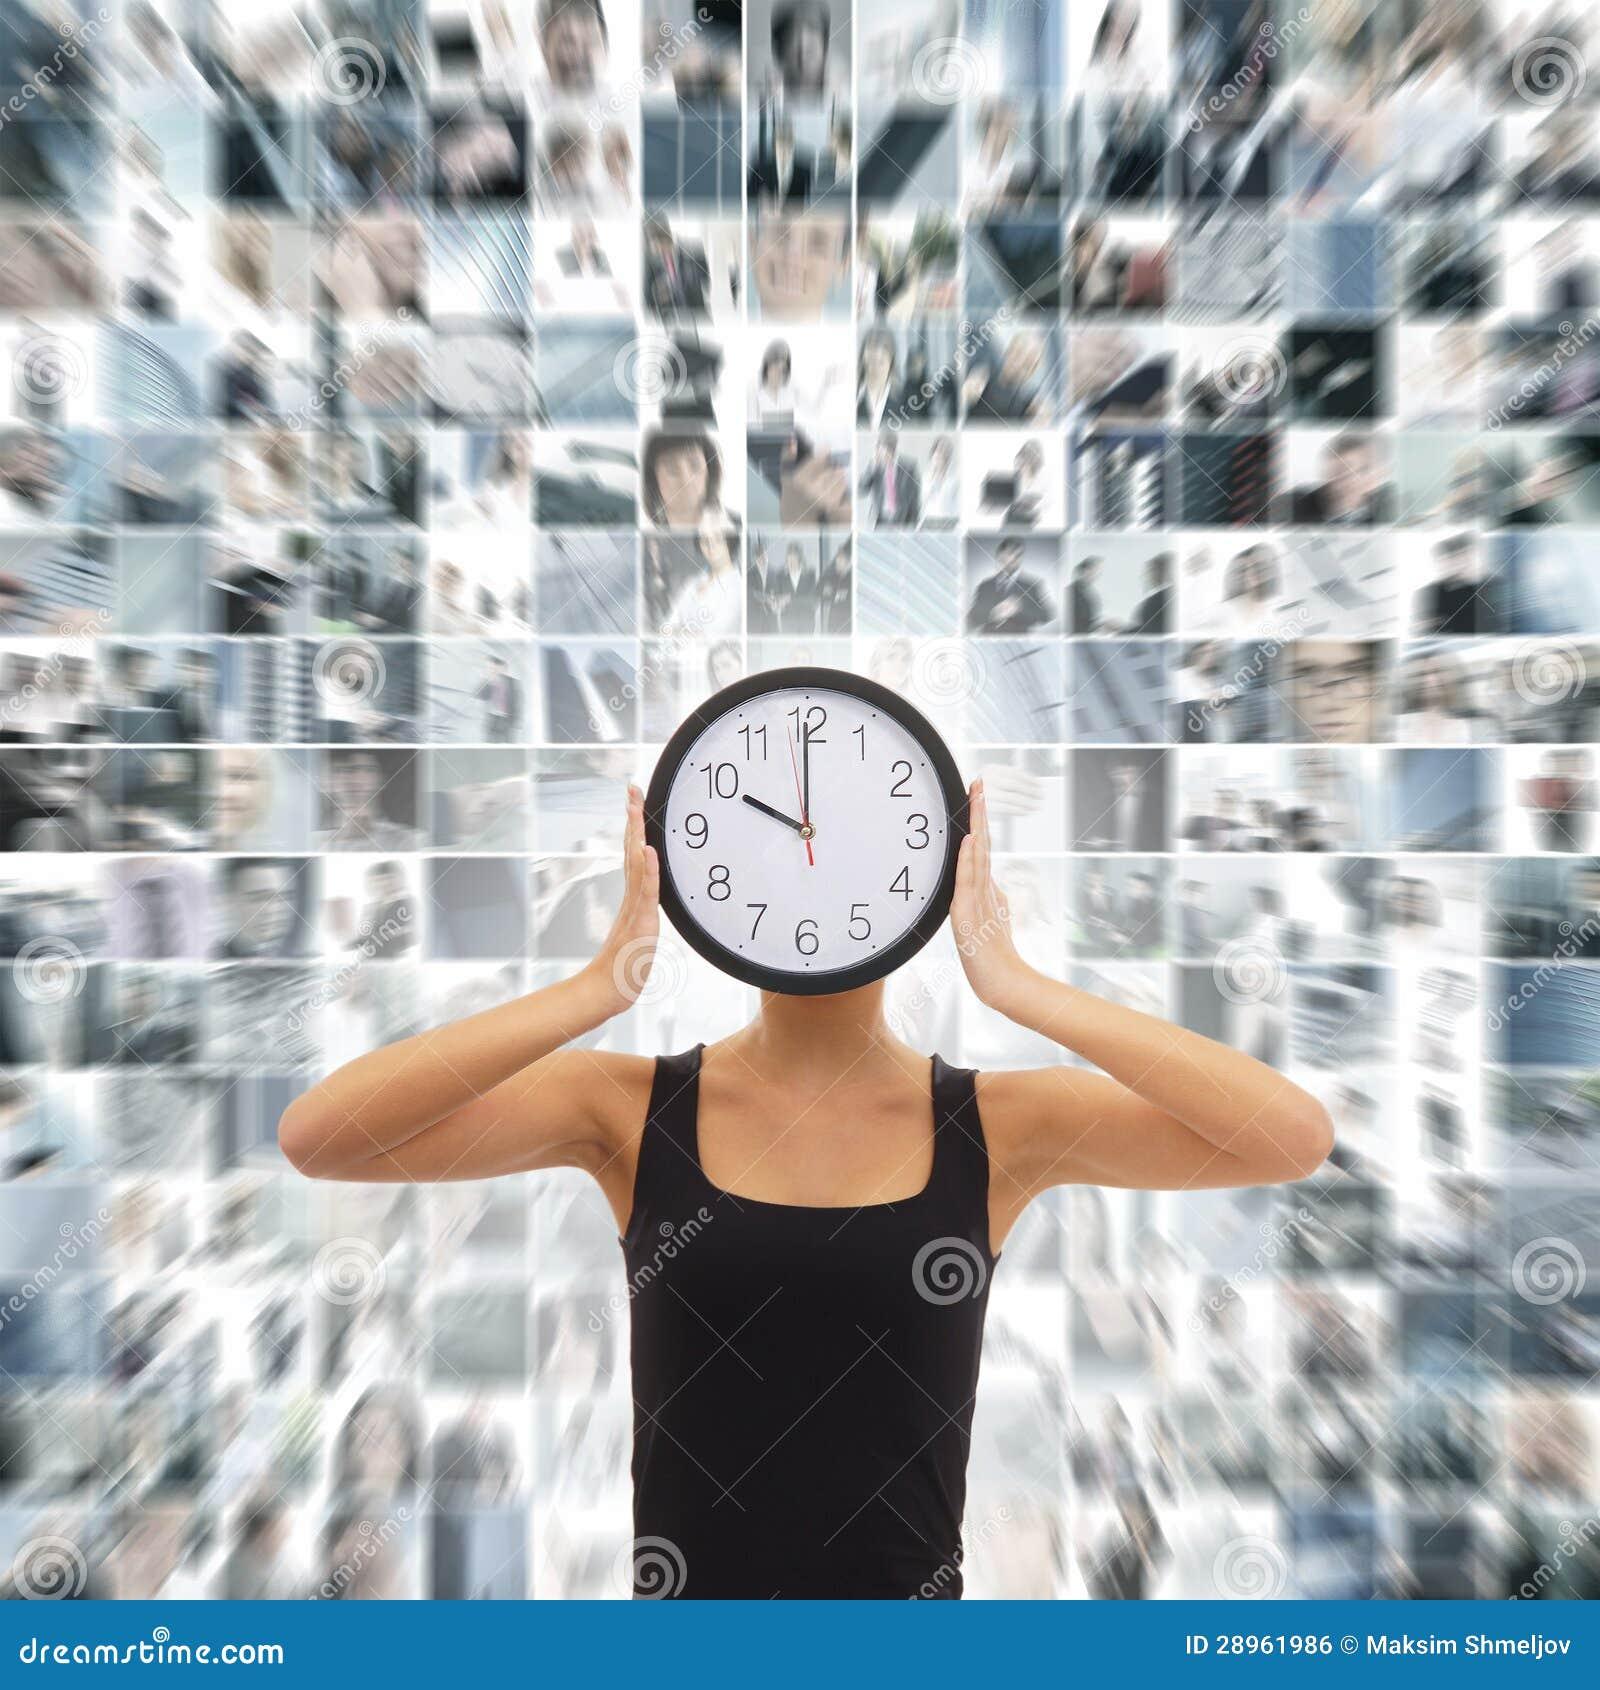 Kolaż kobieta trzyma zegar na biznesowym tle